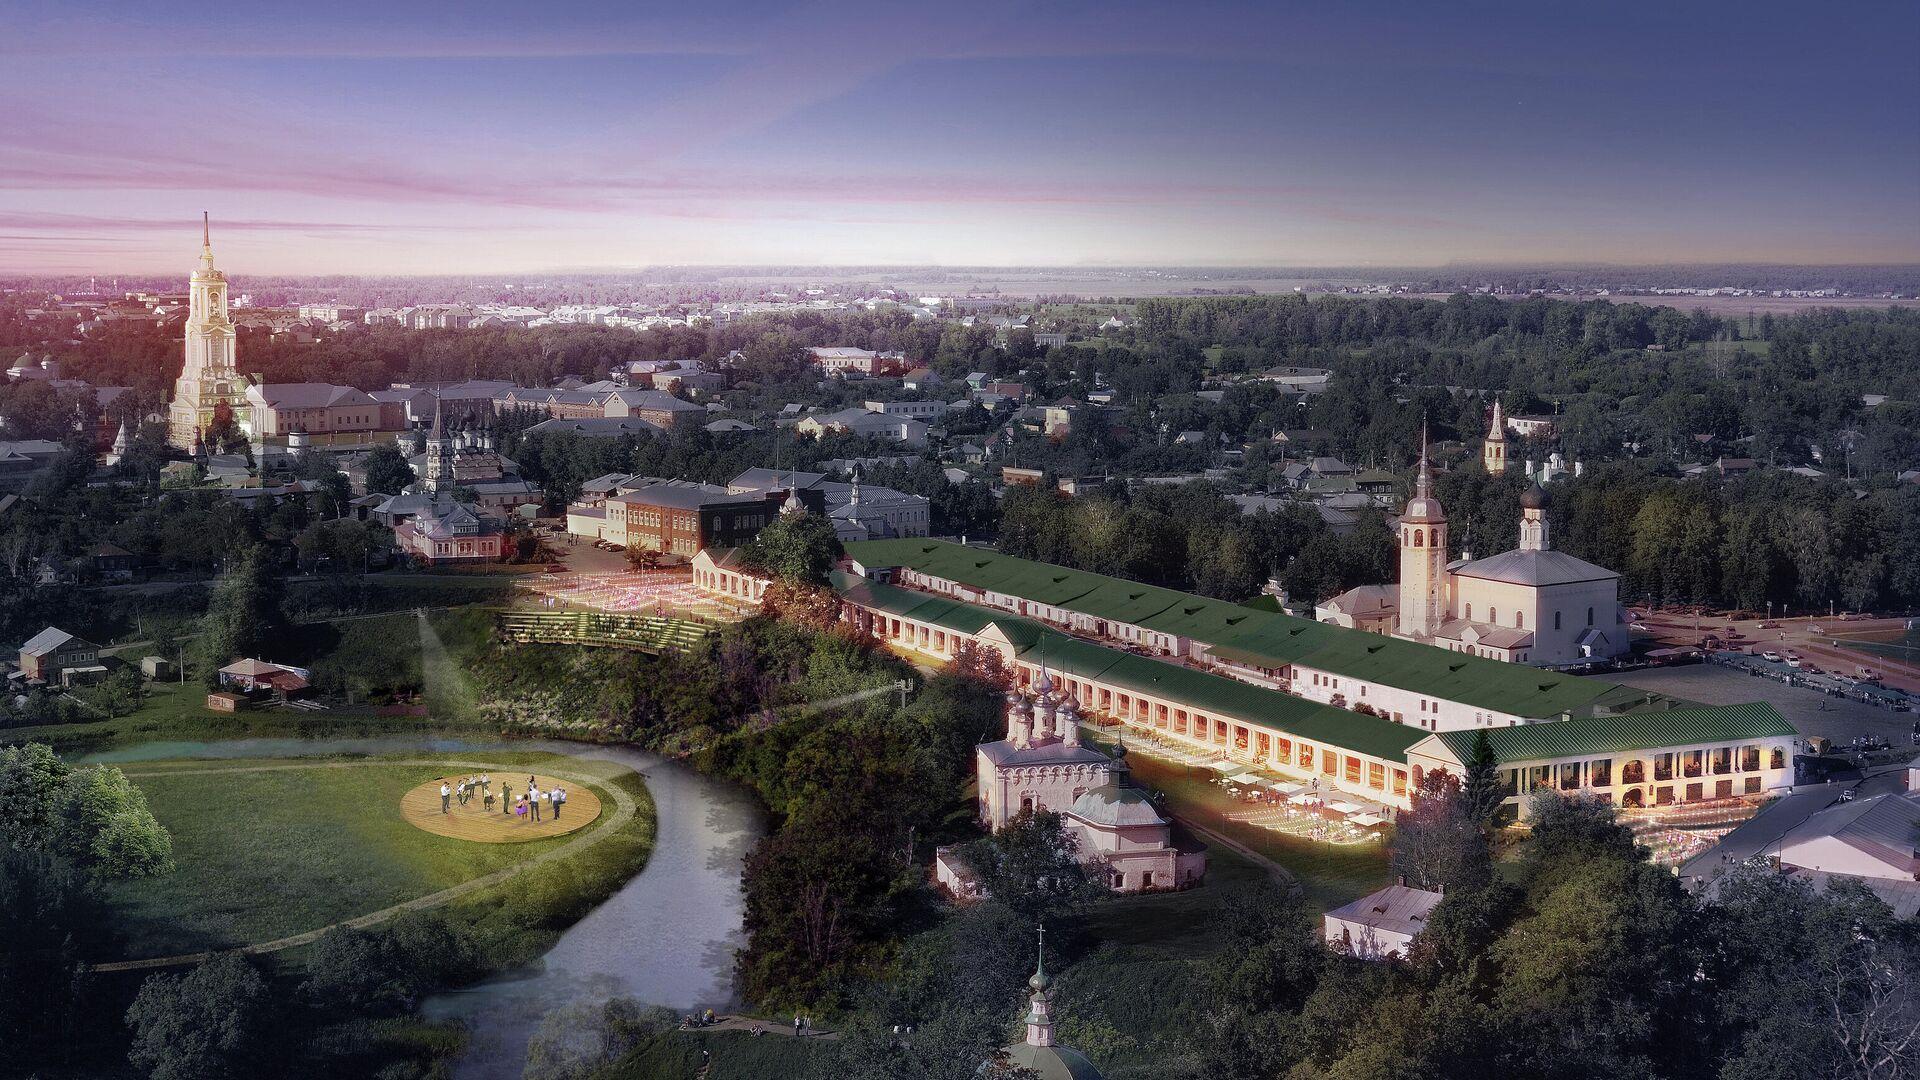 Проект нового административного центра Суздаля - РИА Новости, 1920, 28.08.2020